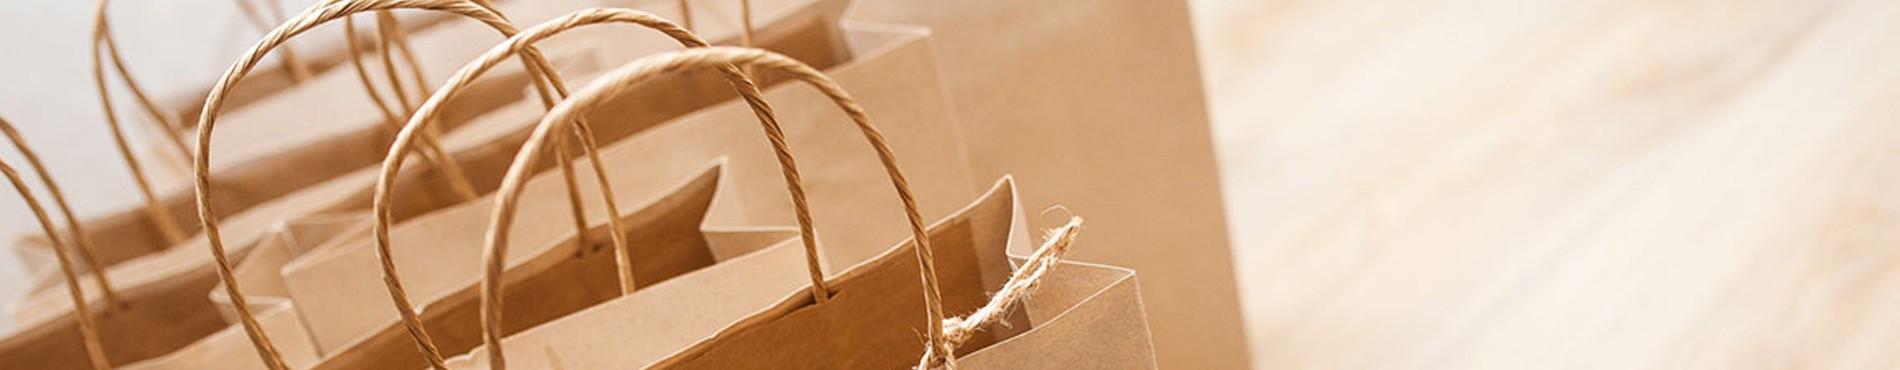 Sacs publicitaires et tote-bags personnalisables à votre image